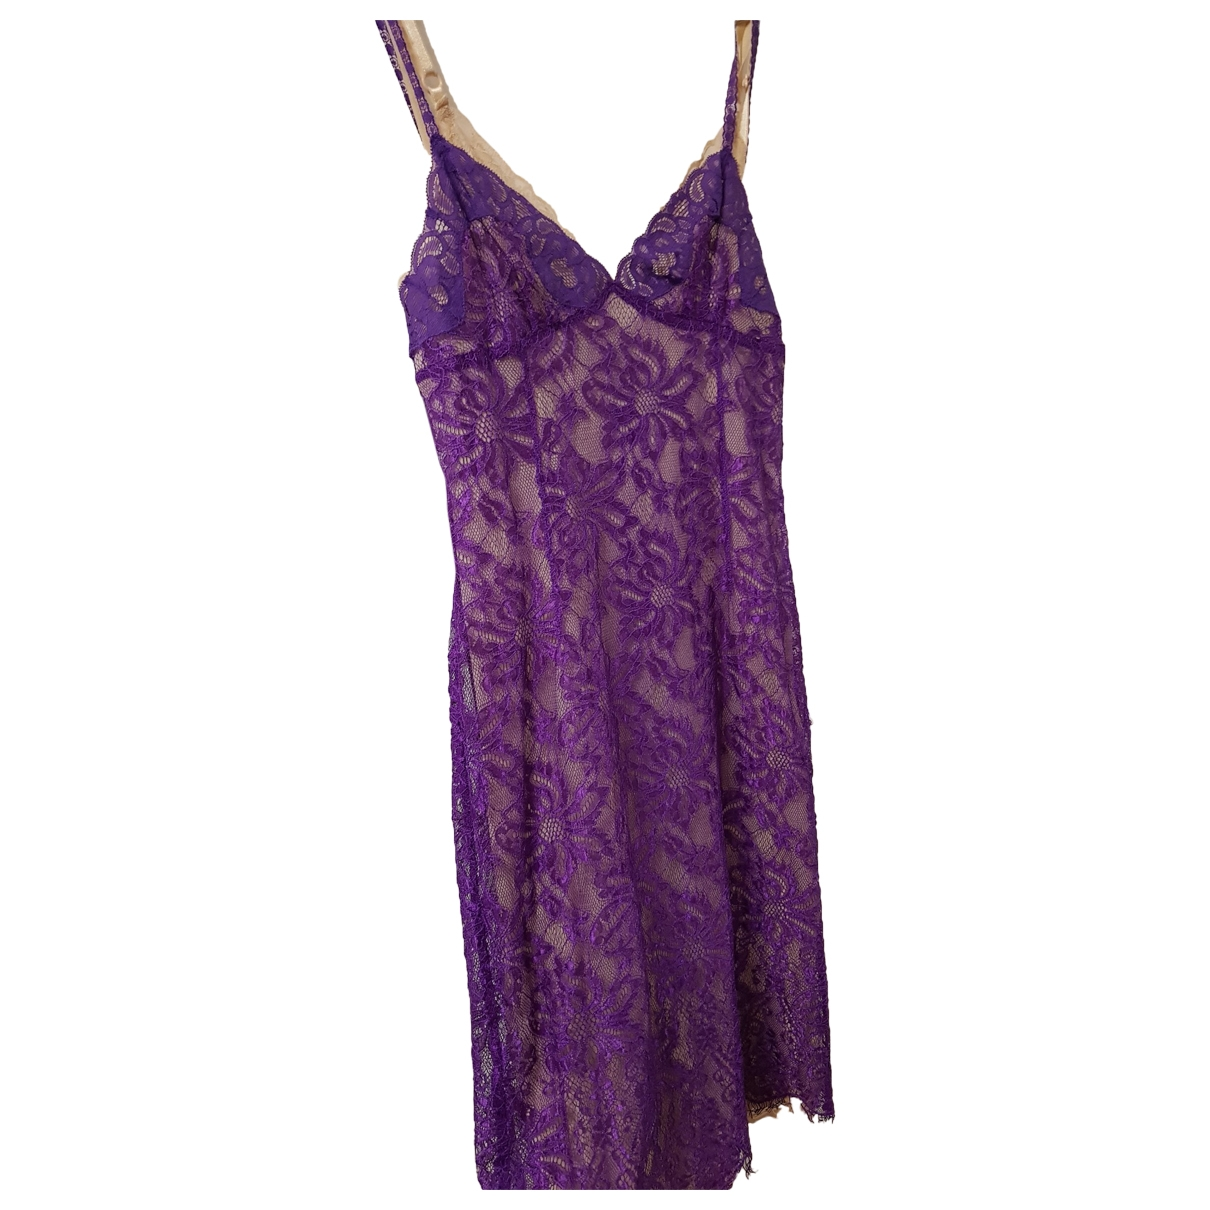 D&g \N Purple Lace dress for Women 38 FR